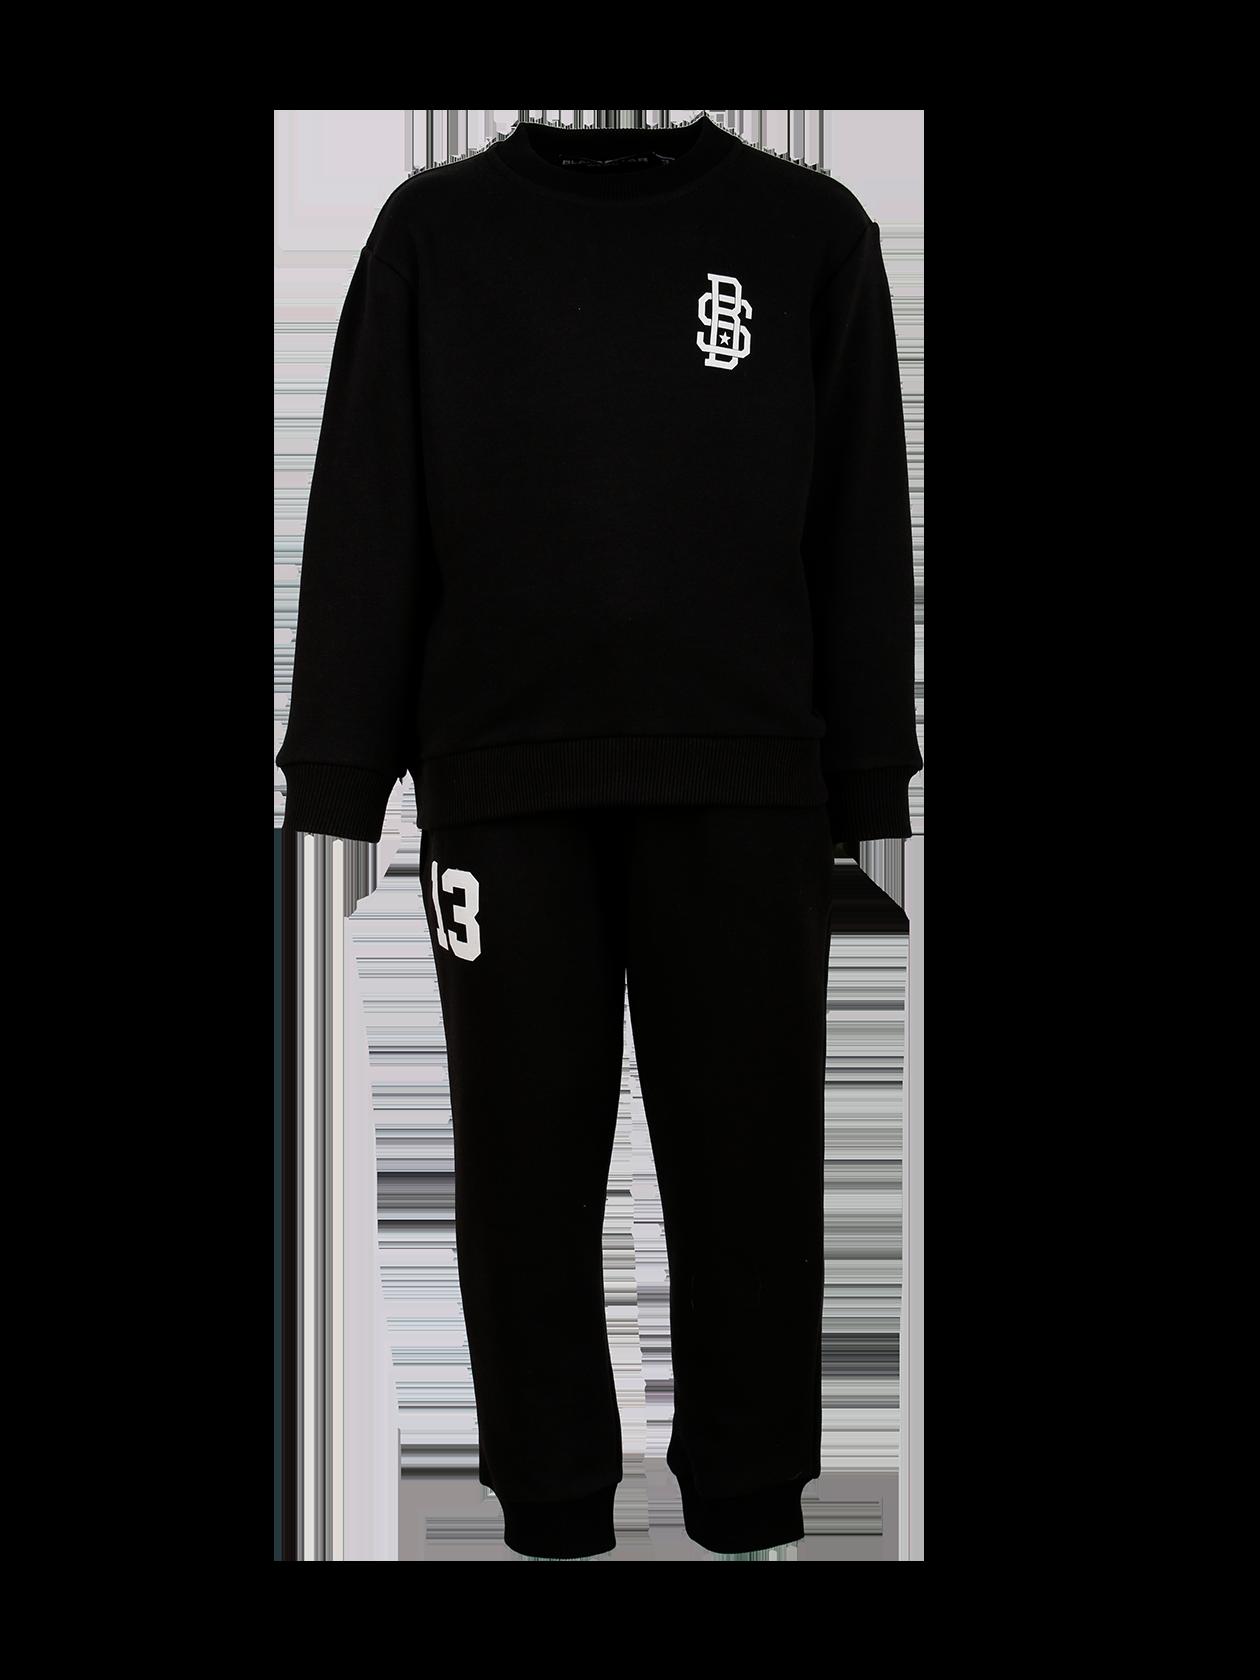 Костюм спортивный детский 13Костюм спортивный детский 13 из линии одежды Basic – оптимальный вариант для создания базового стиля на каждый день. Верх представлен свитшотом прямого кроя с длиной до бедер. Манжеты, горловина и низ состоят из фиксирующей трикотажной резинки. Брюки свободного силуэта с зауживанием к низу, дополнены эластичным поясом, боковыми внутренними карманами. На щиколотках широкая резинка. Модель сшита из натурального футера отличного качества. На груди и правой штанине фирменная символика бренда Black Star. На вороте внутри жаккардовый лейбл. Демократичная цена изделия вас приятно порадует.<br><br>Размер: 7-8 years<br>Цвет: Черный<br>Пол: Унисекс